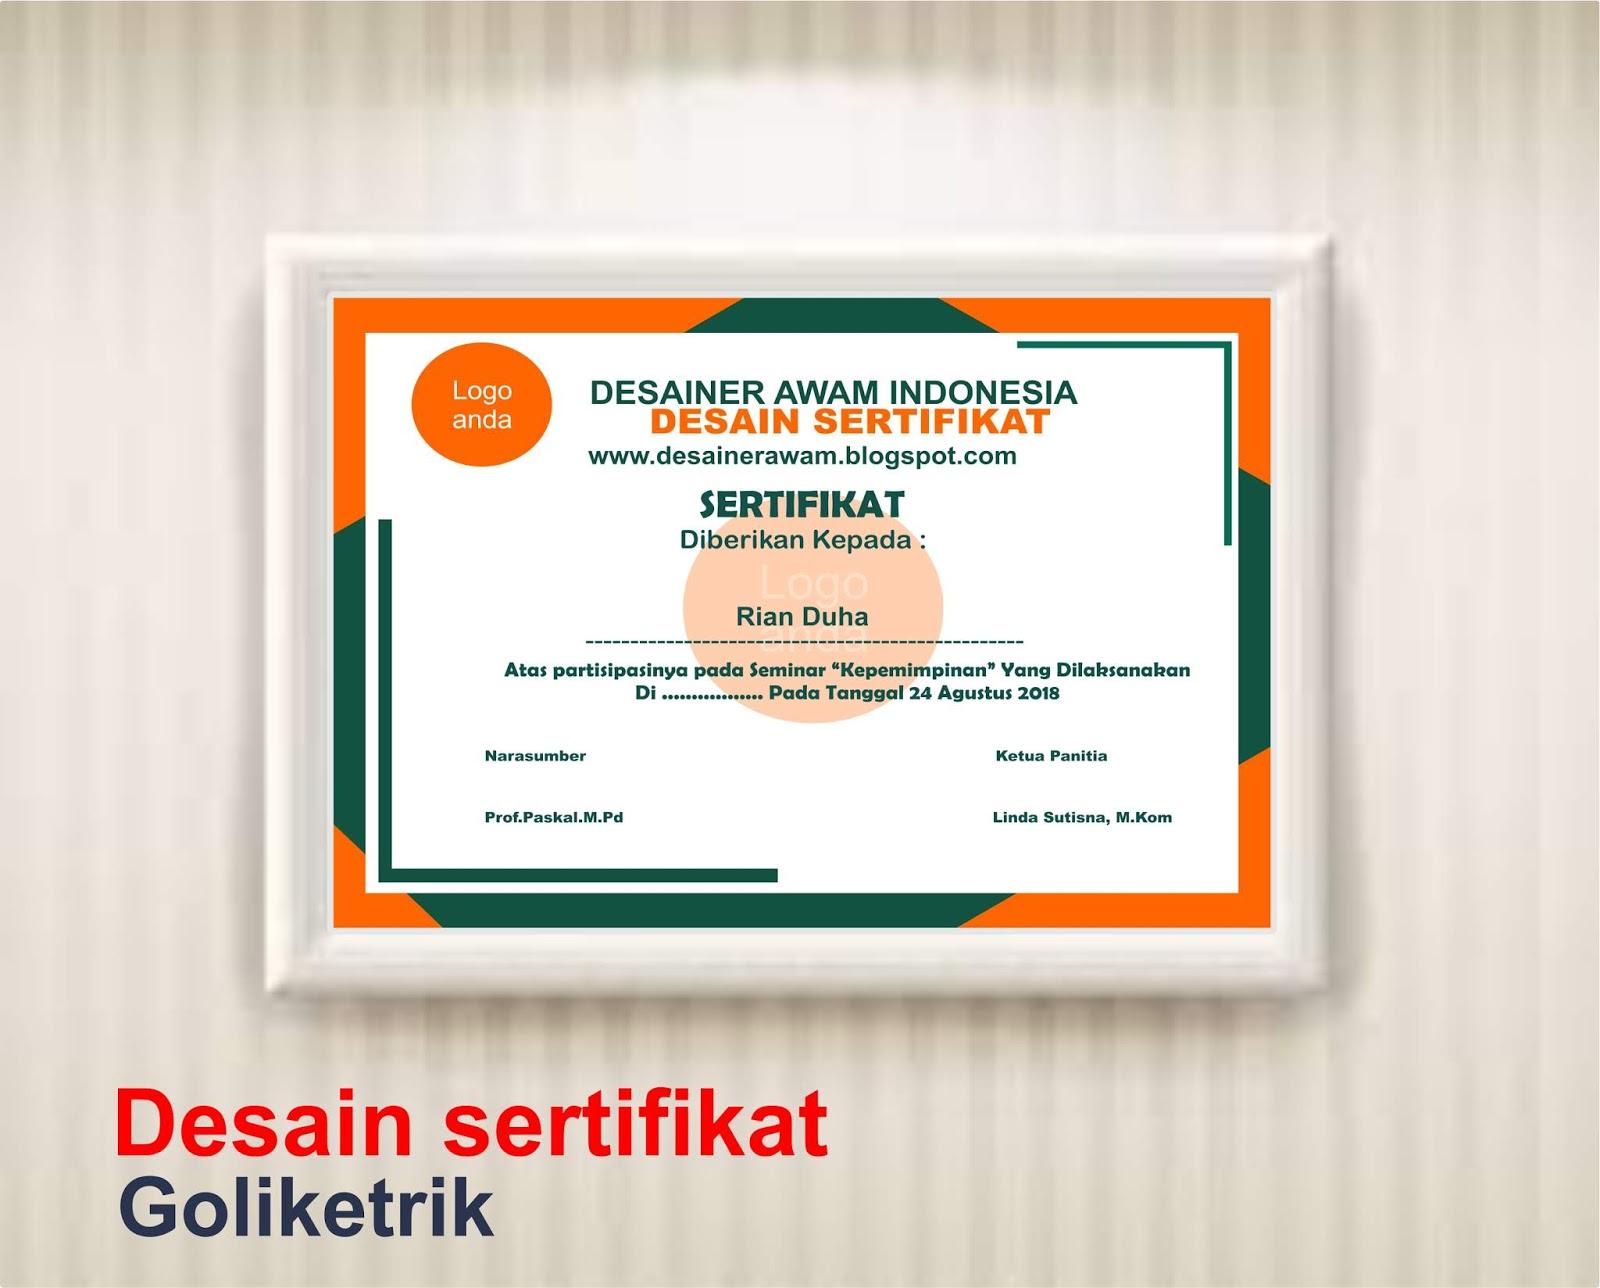 Desain Sertifikat Seminar Cdr Download Go Like Trik